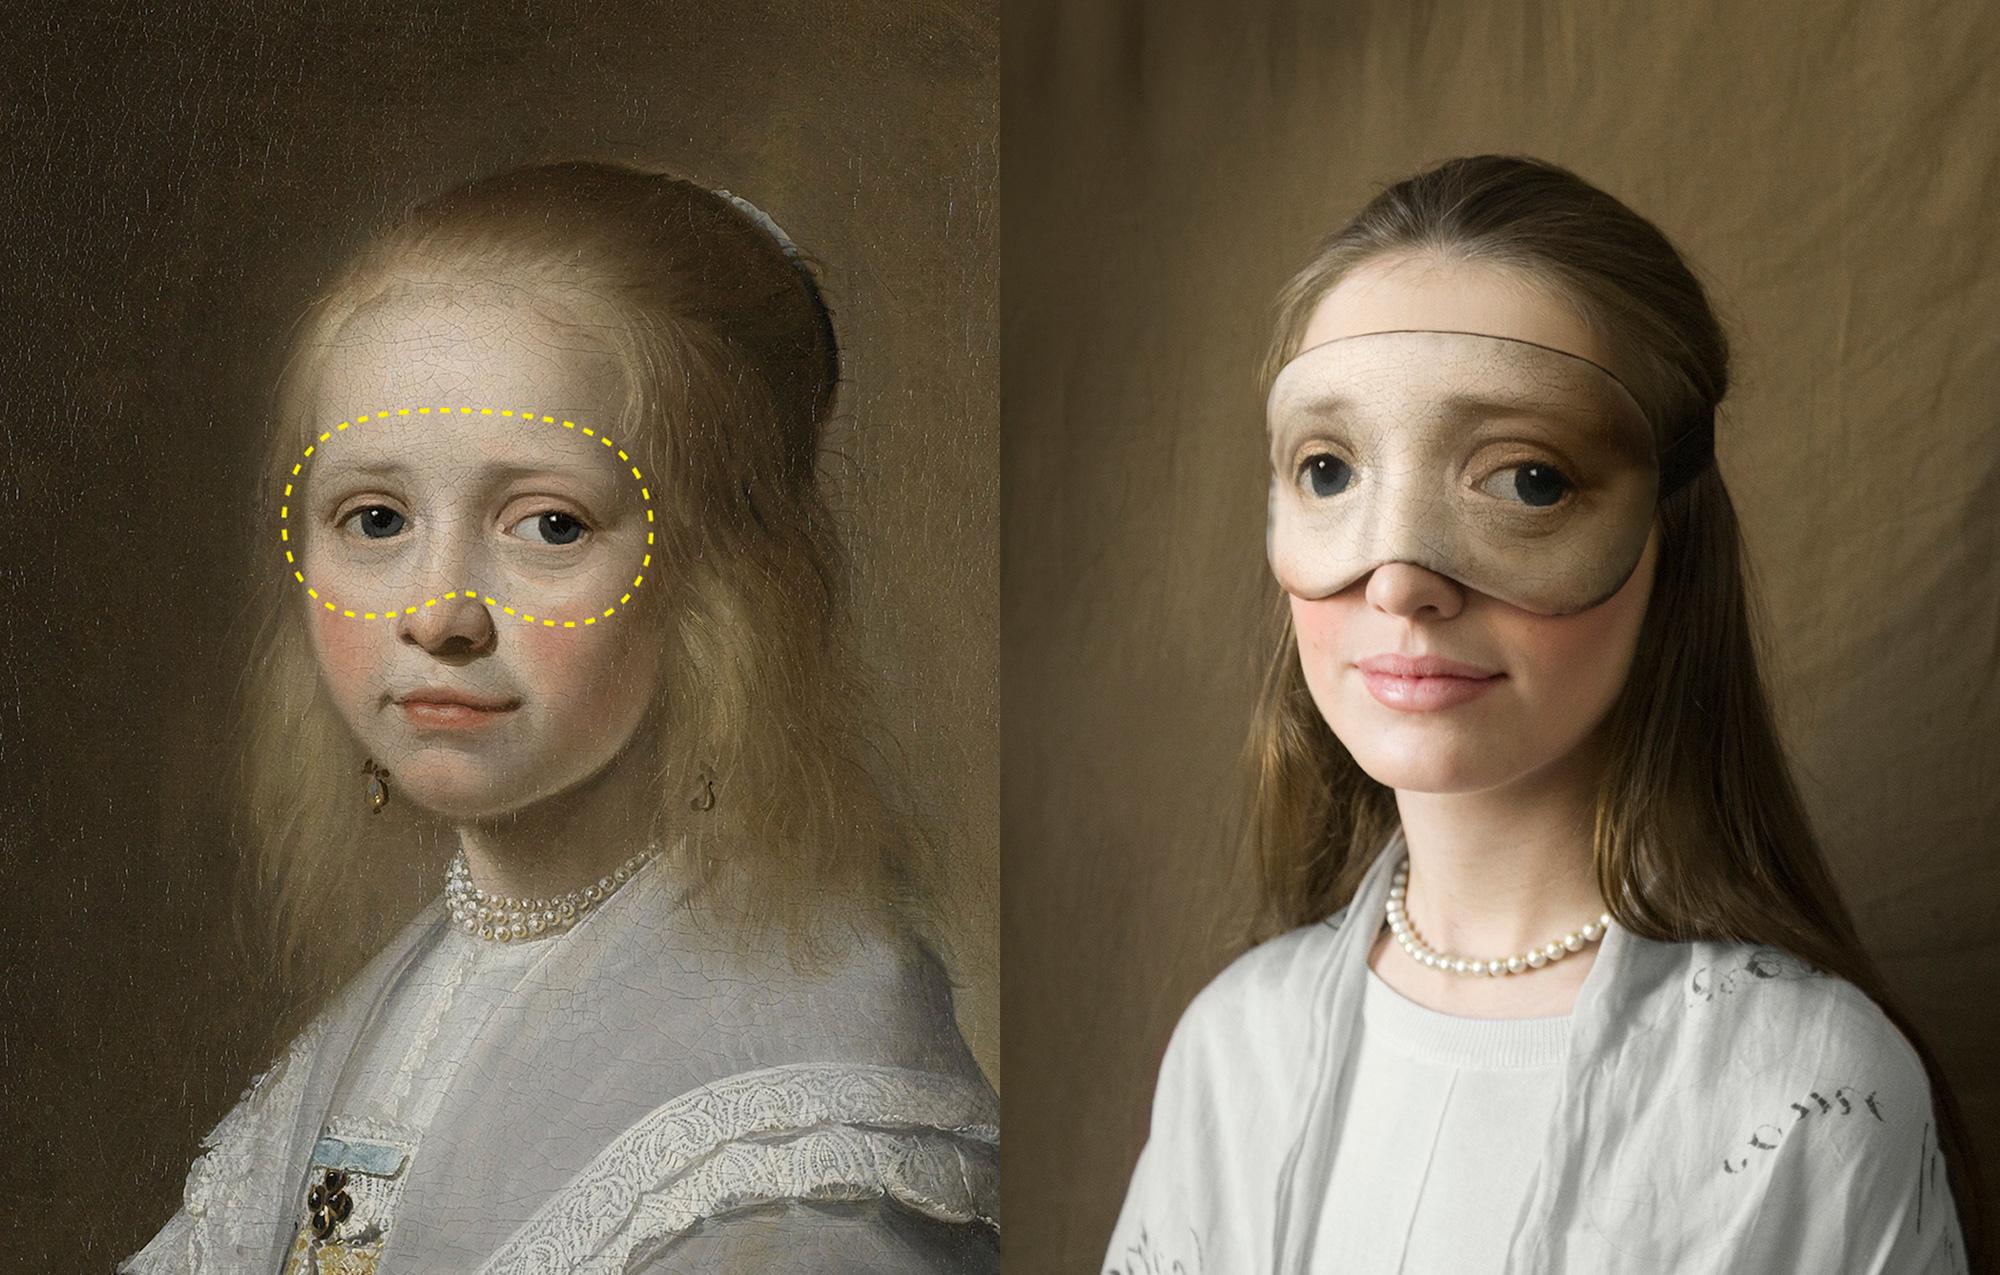 Slaapmasker Masterpieces Never Sleep krijgt prijs